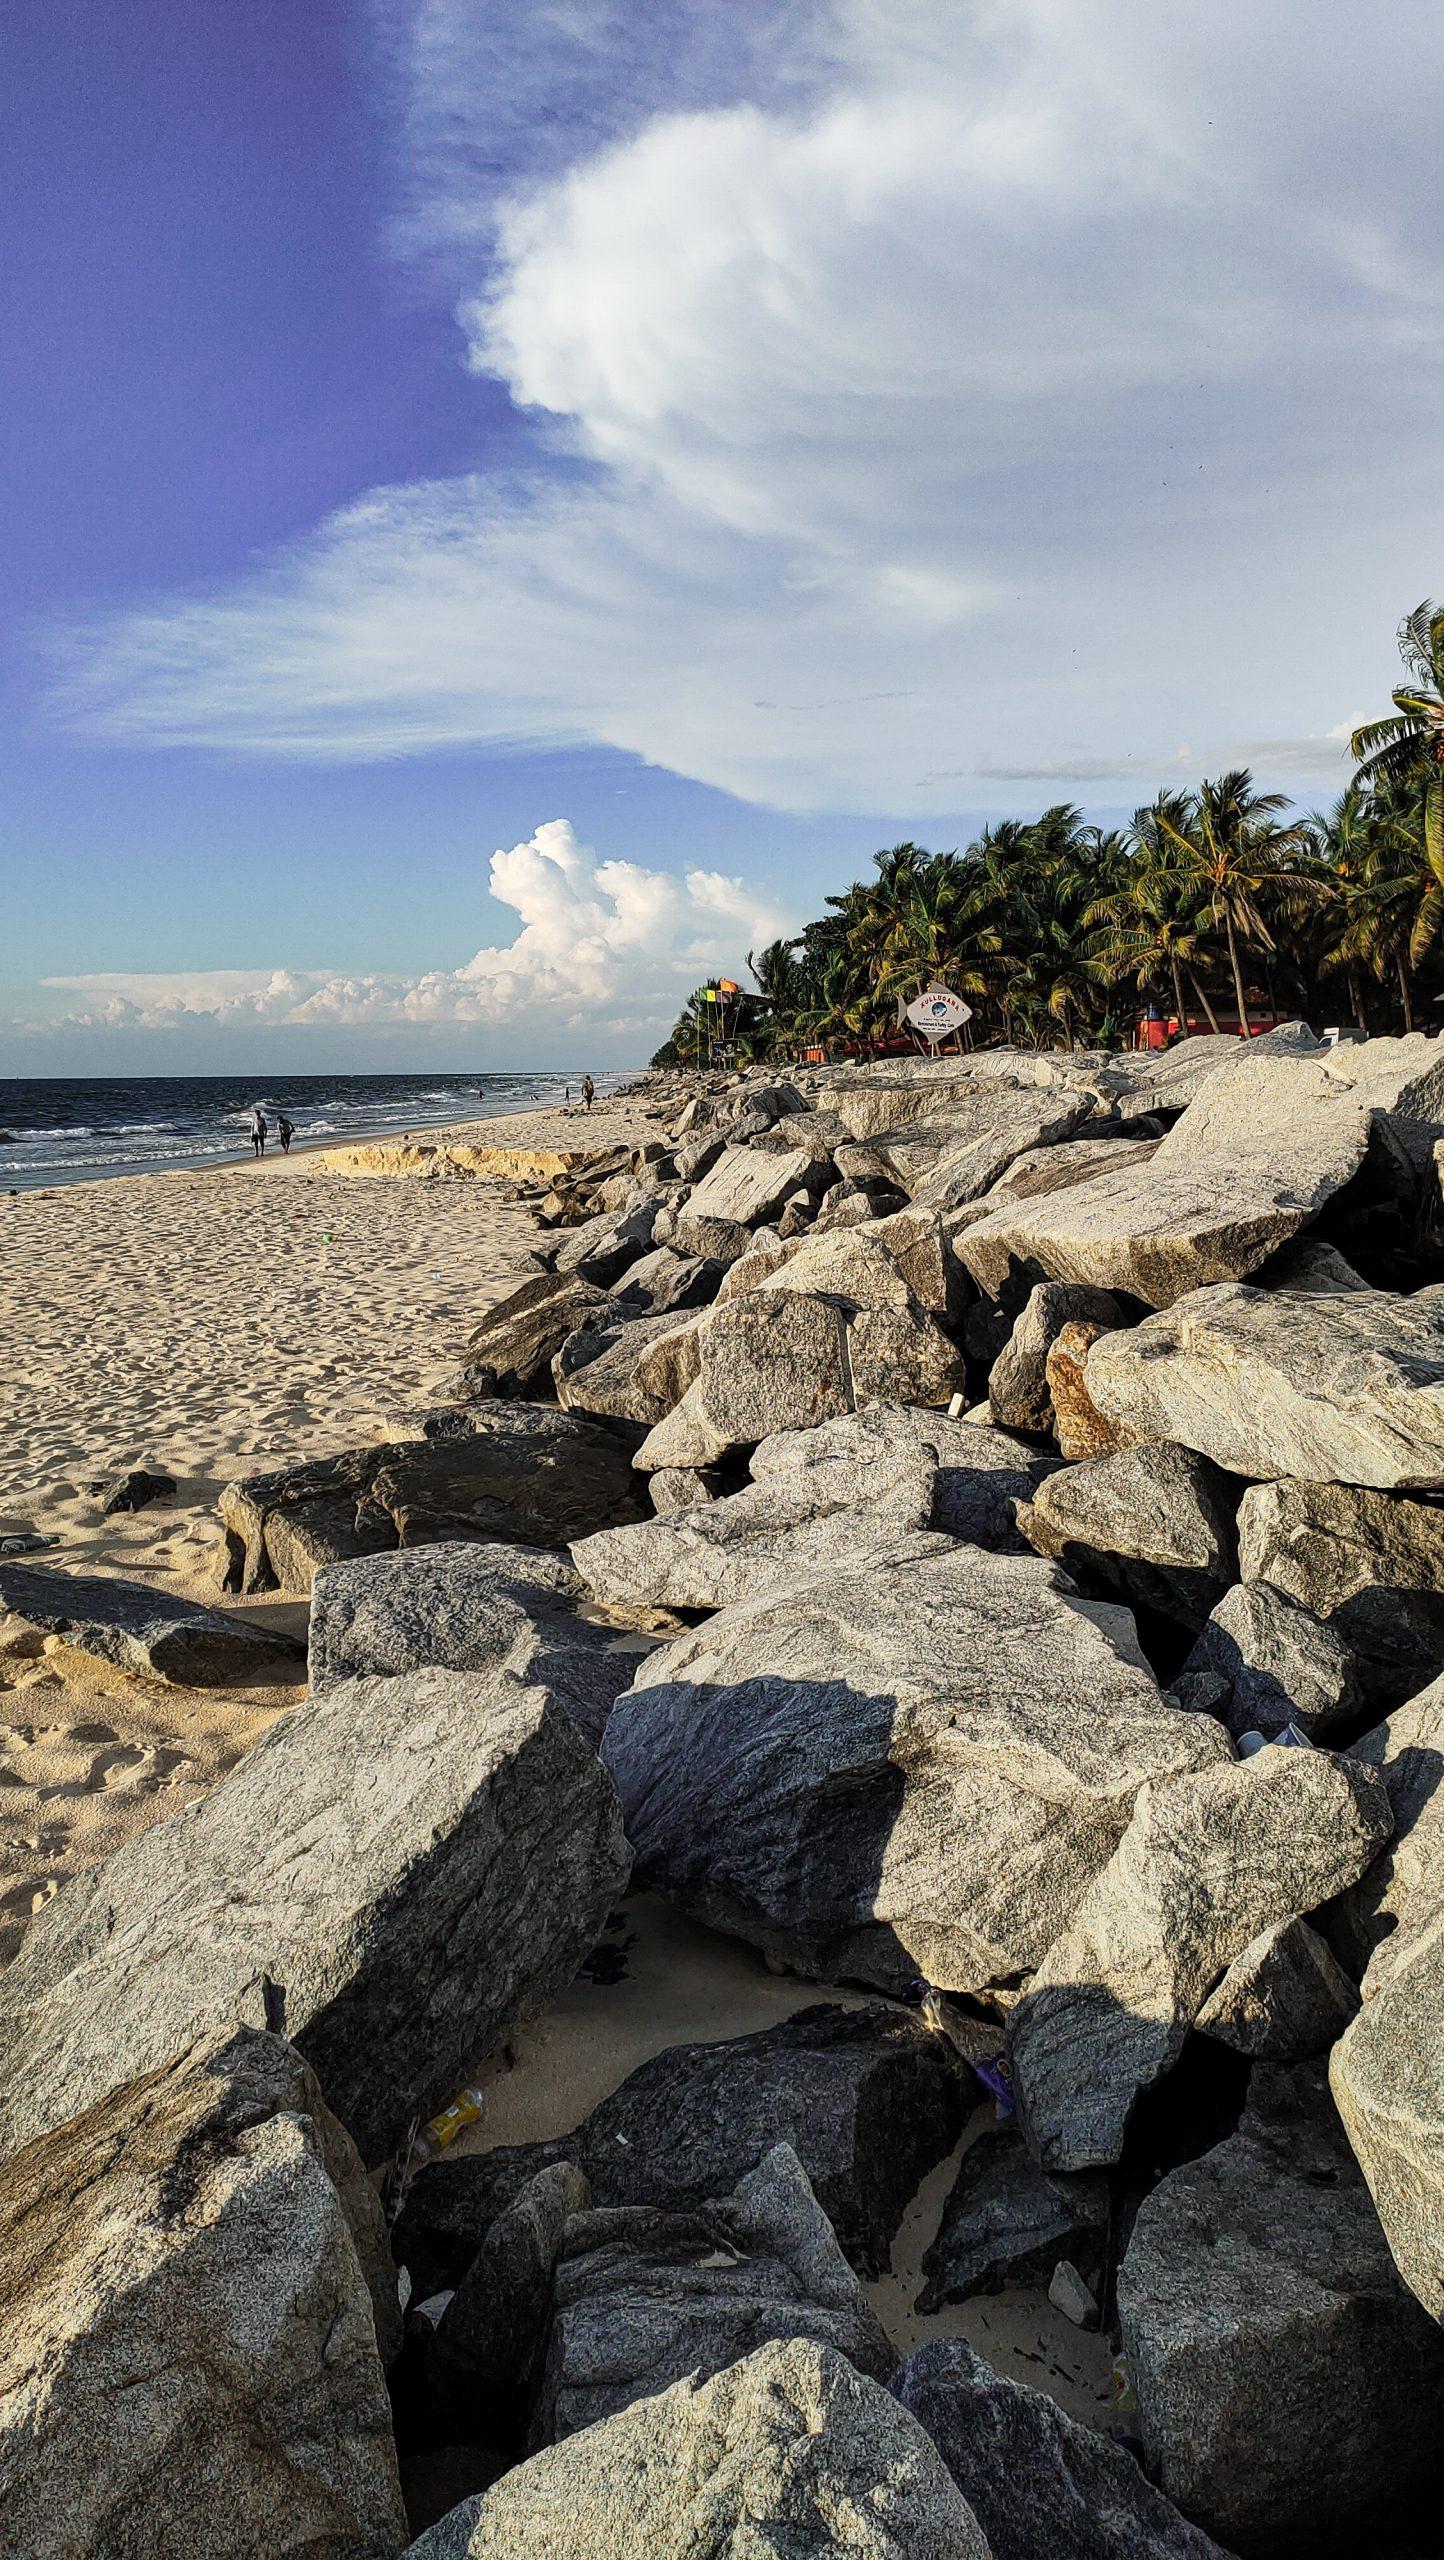 Rock stone at a beach